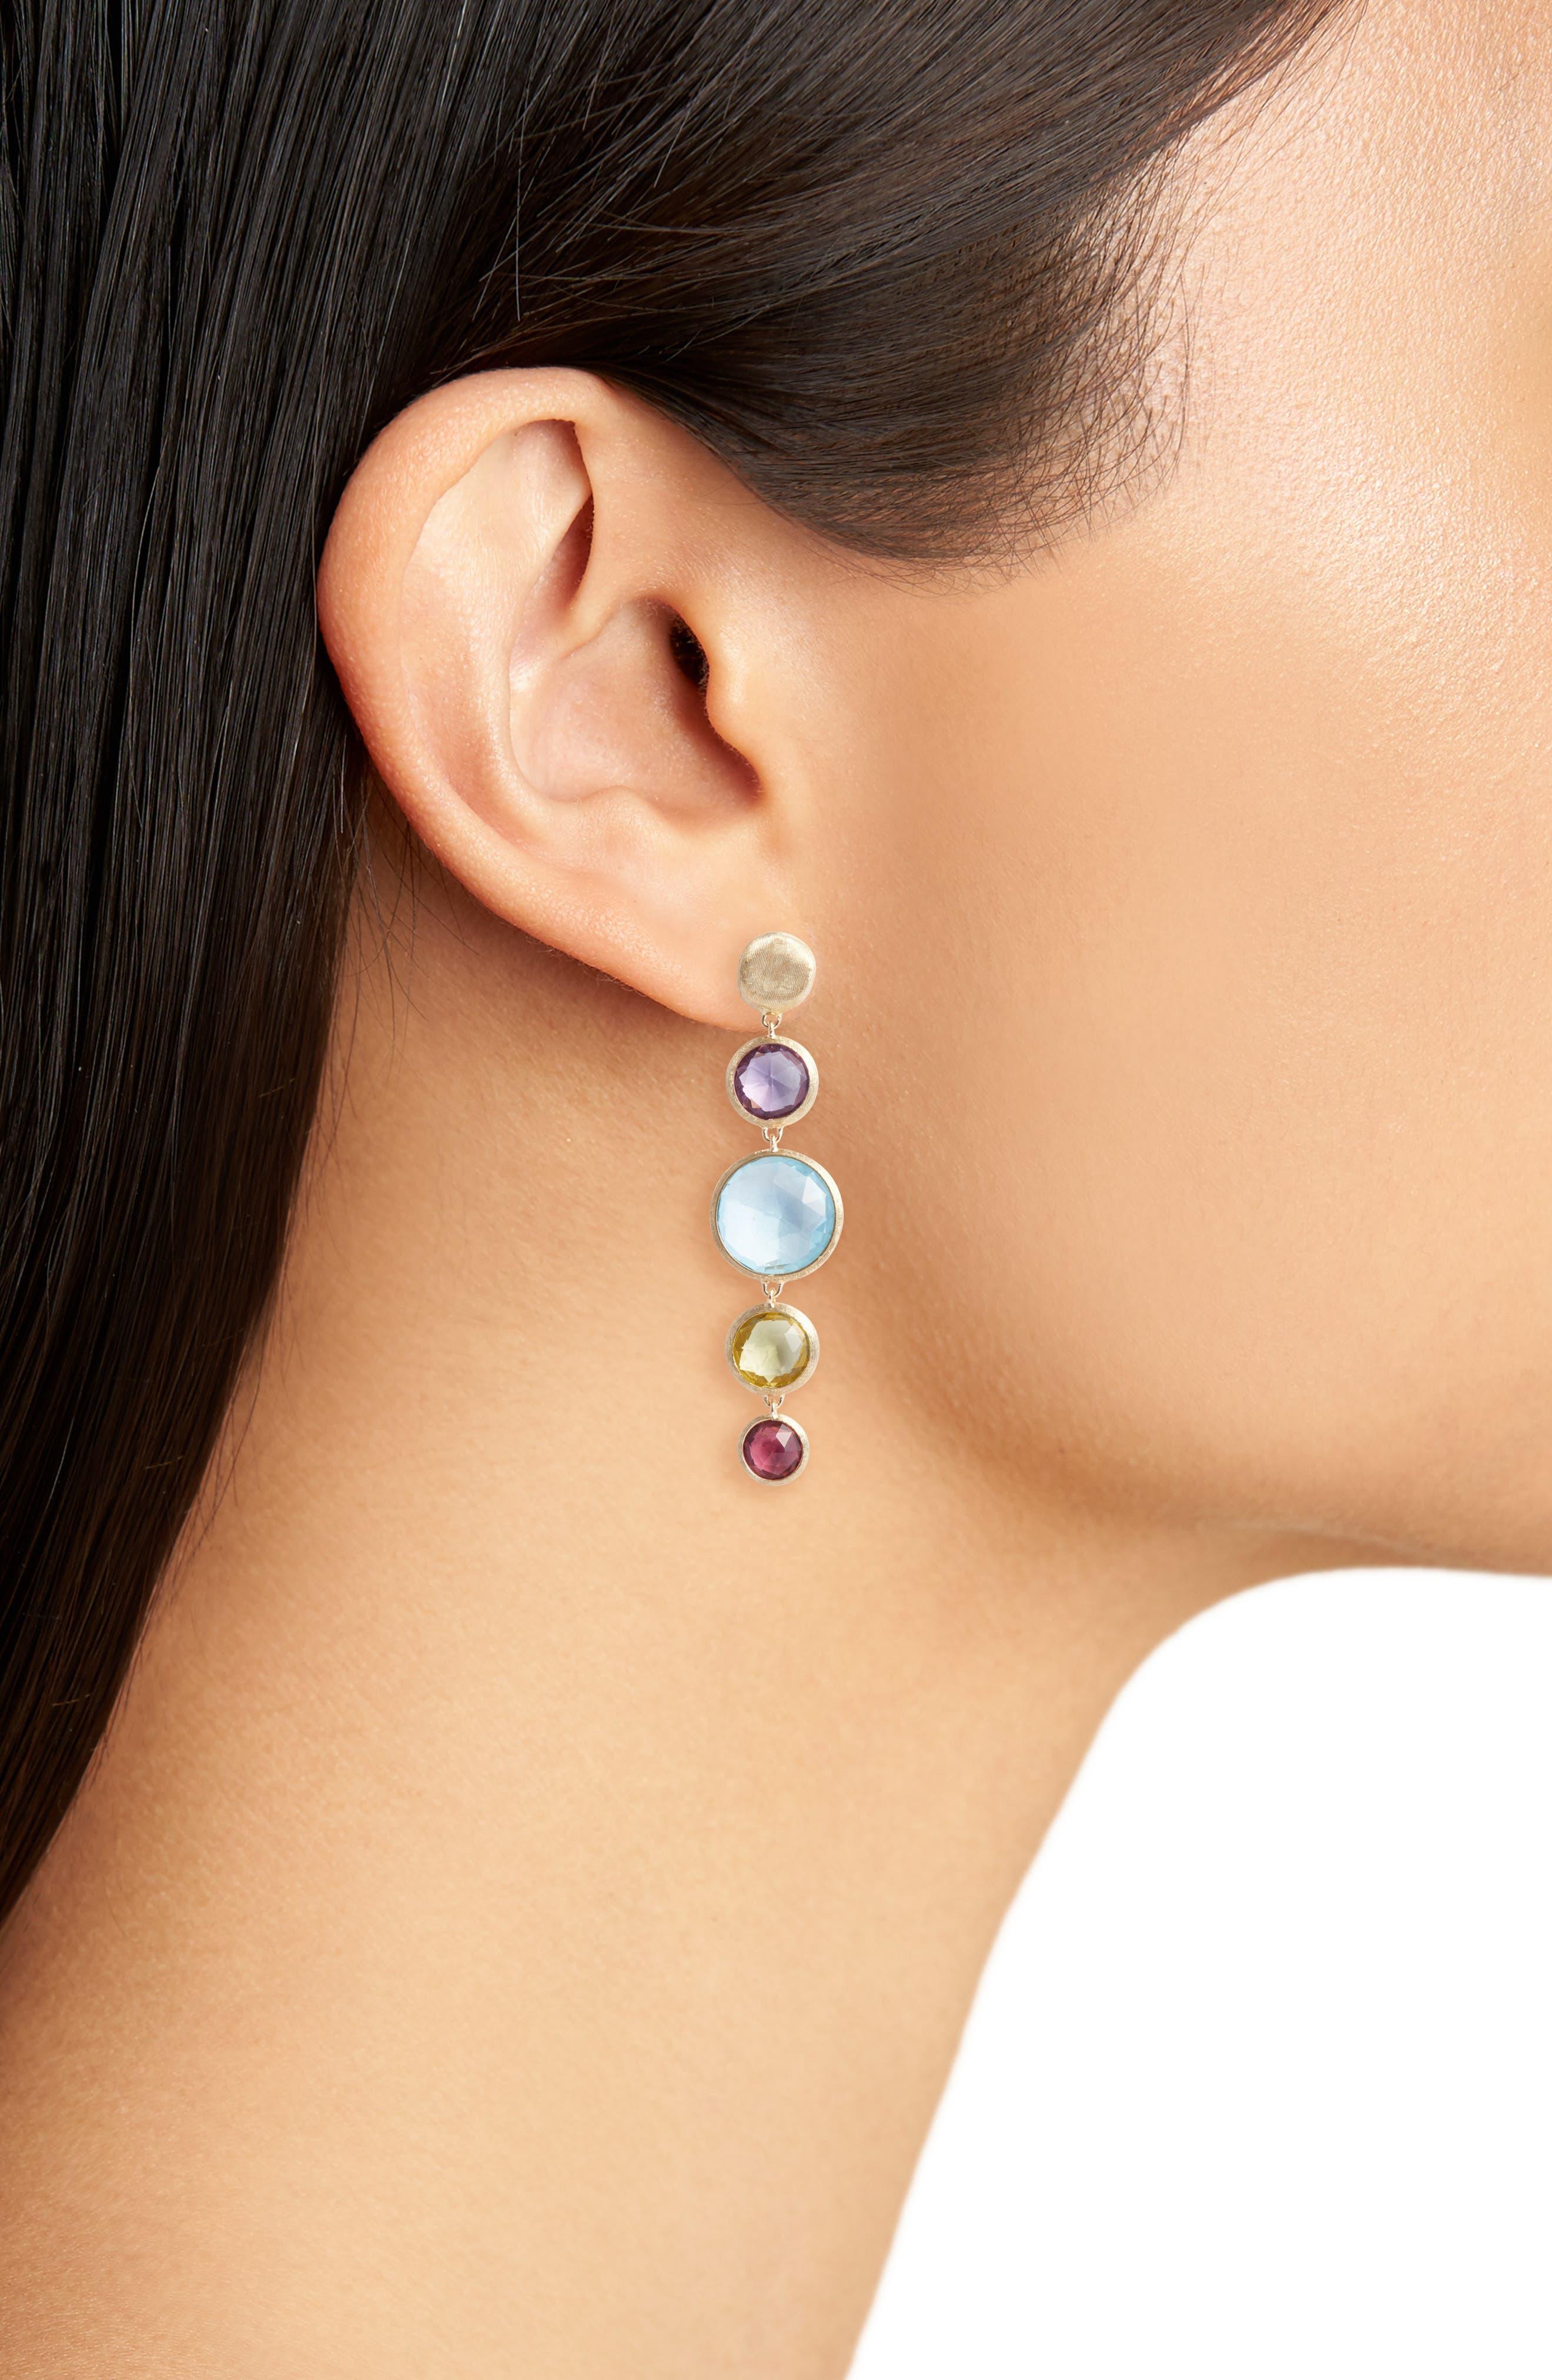 Jaipur Semiprecious Stone Drop Earrings,                             Alternate thumbnail 2, color,                             YELLOW GOLD